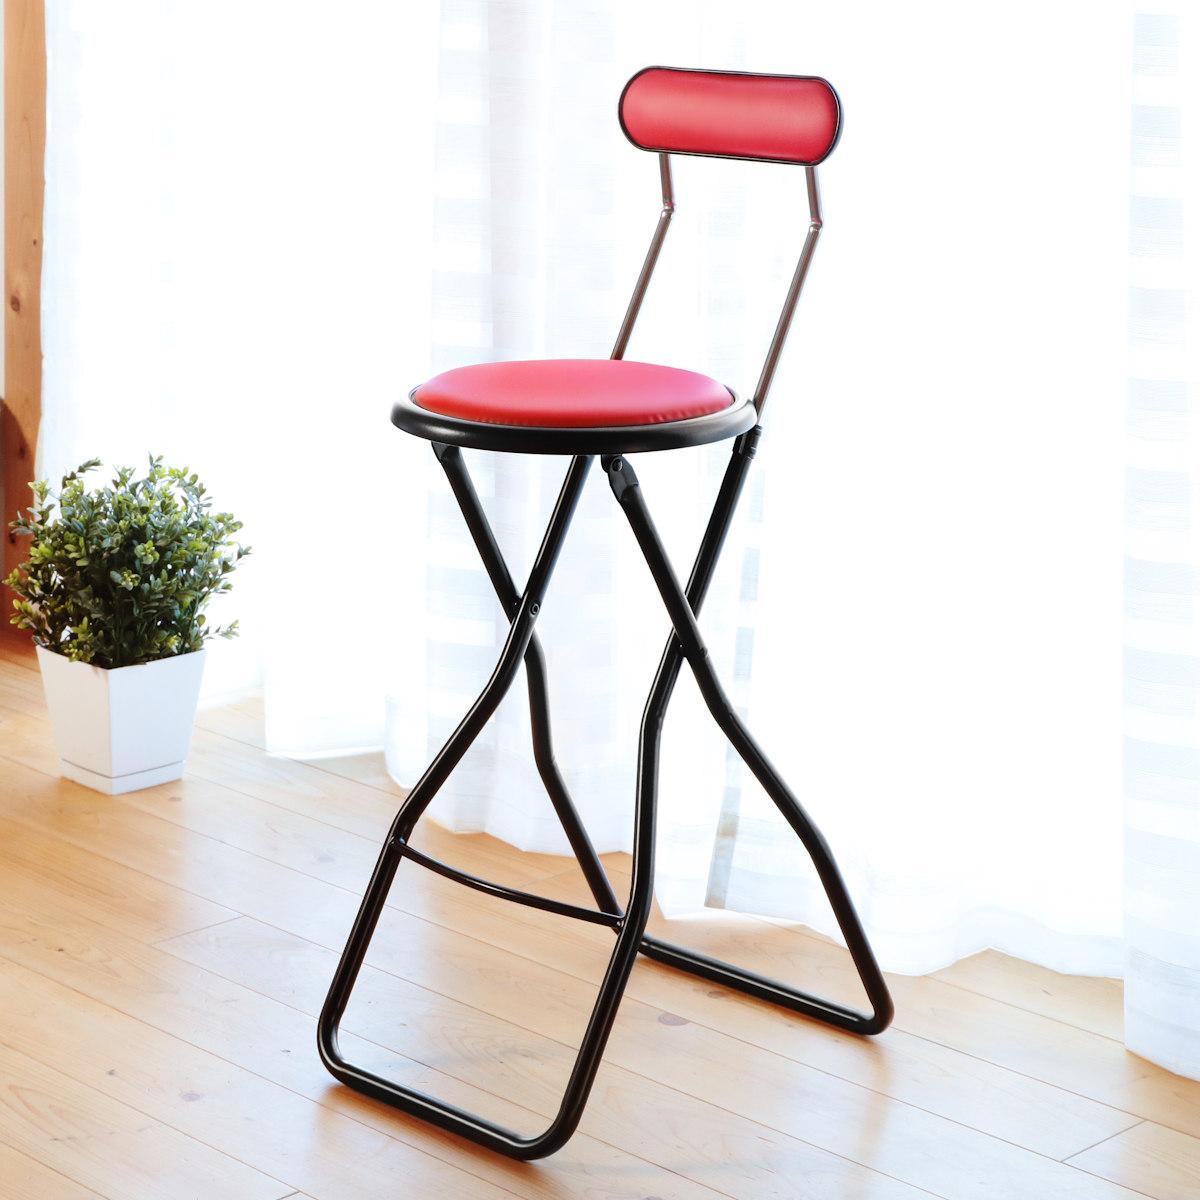 カウンターやキッチンにあると便利なハイタイプチェア 格安激安 折りたたみ椅子 キャプテンチェア ハイタイプ レッド 折りたたみチェア 椅子 チェア 祝日 イス ハイチェアー いす パイプいす カウンターチェア ハイチェア 折り畳み カウンターチェアー 折りたたみ パイプ椅子